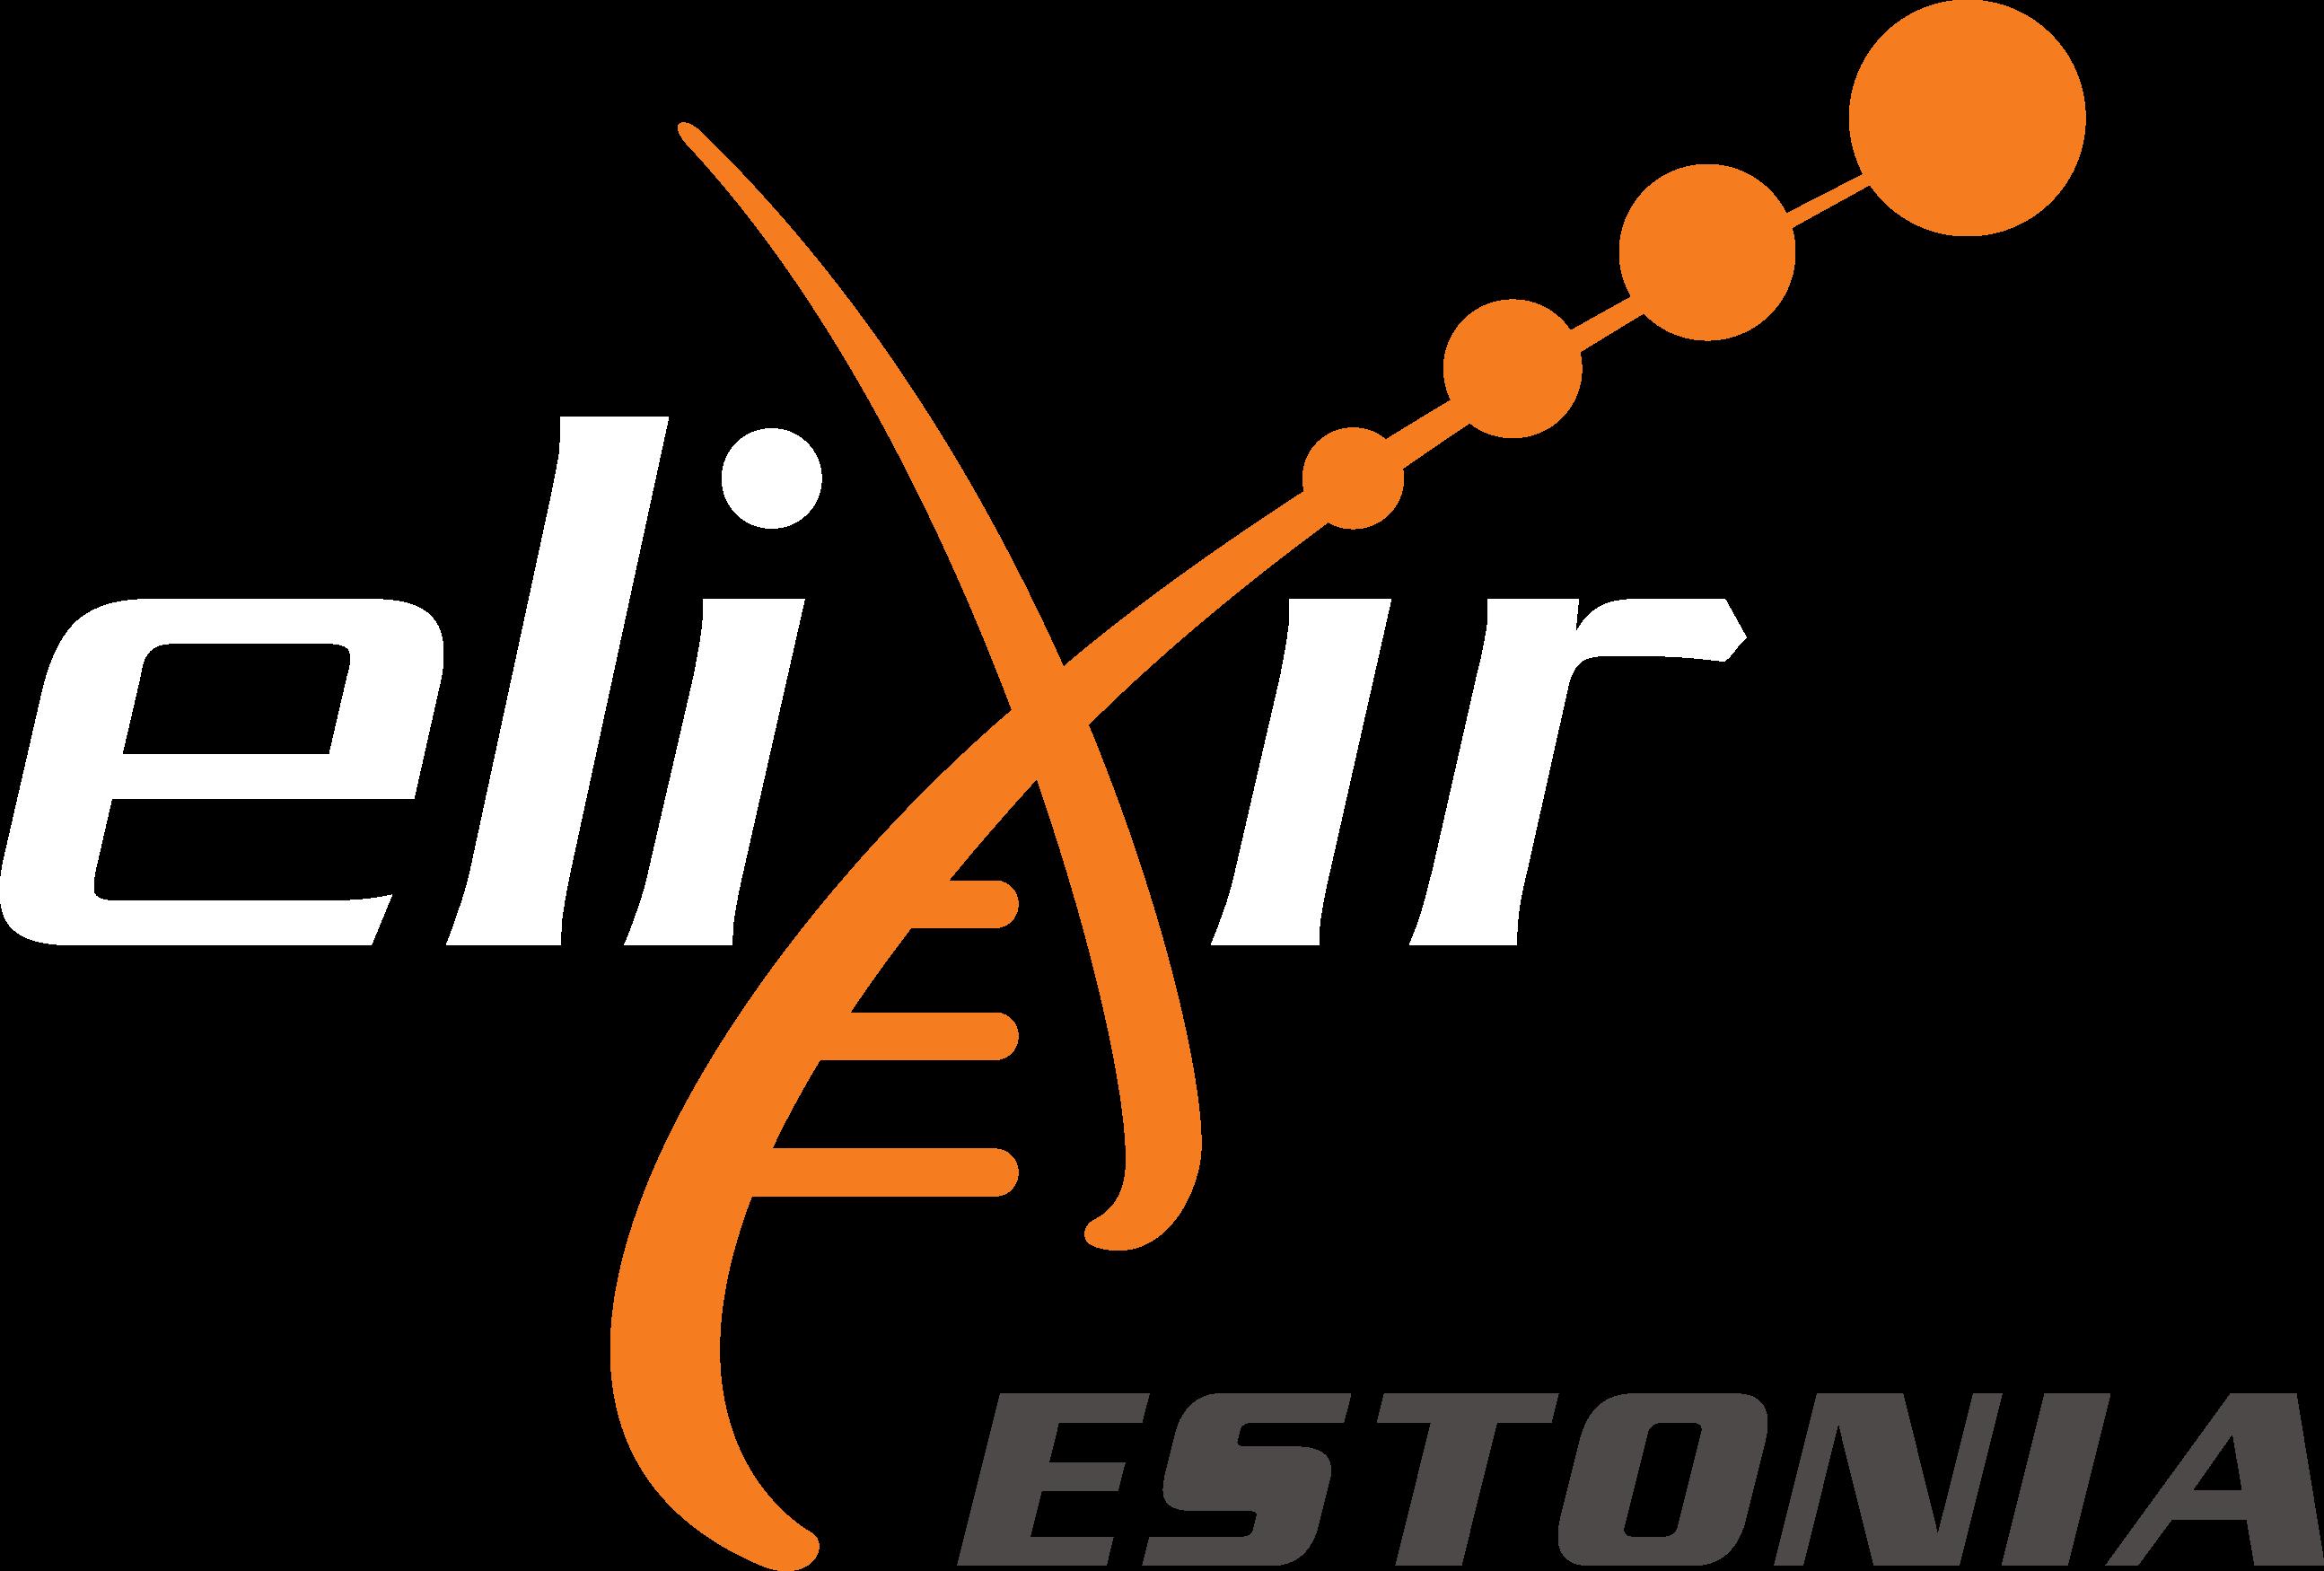 ELIXIR Estonia